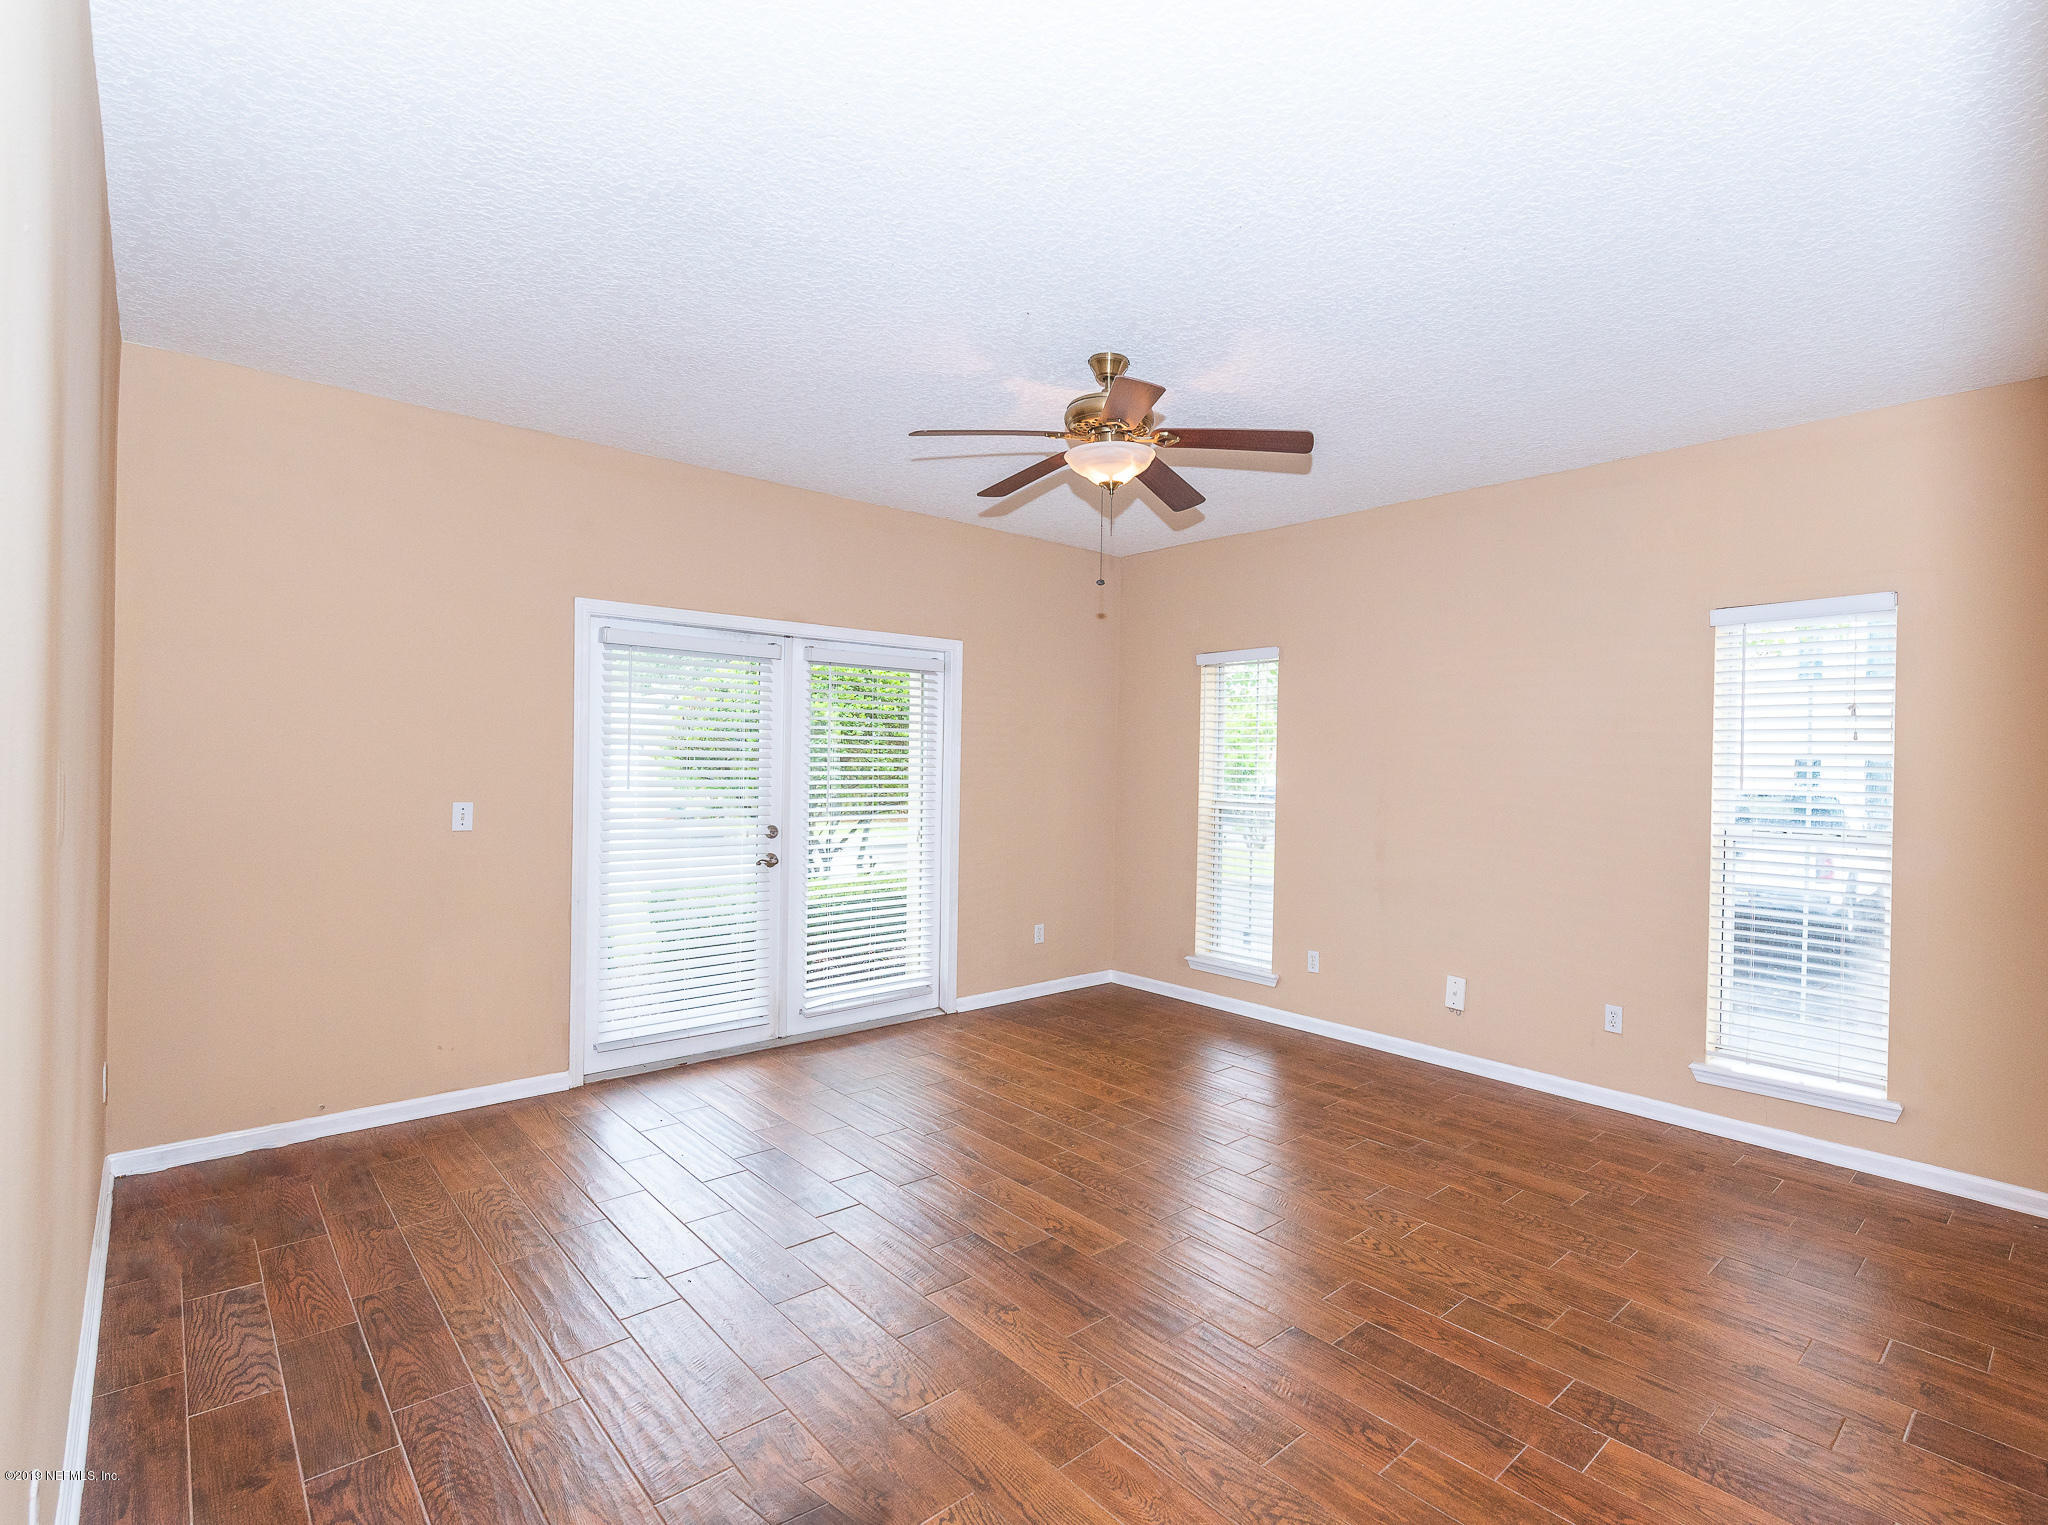 21 JARDIN DE MER- JACKSONVILLE BEACH- FLORIDA 32250, 3 Bedrooms Bedrooms, ,2 BathroomsBathrooms,Condo,For sale,JARDIN DE MER,1021471